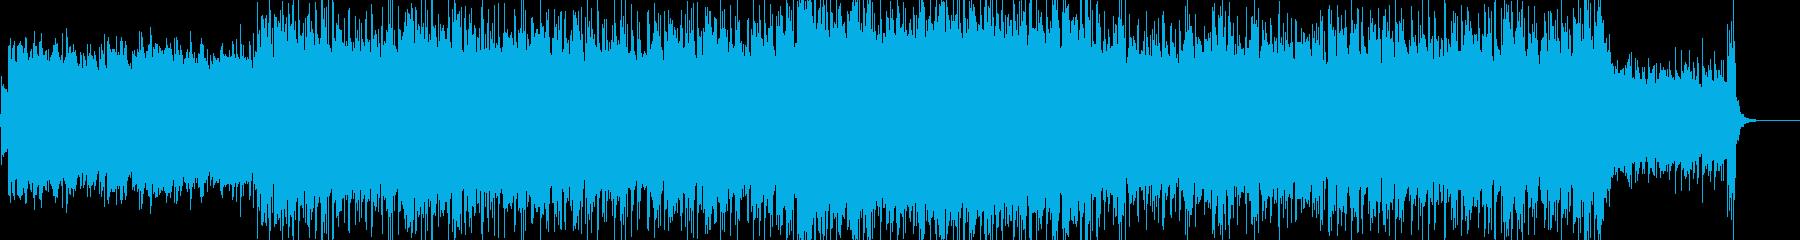 爽やかでのどかなアコギ曲の再生済みの波形